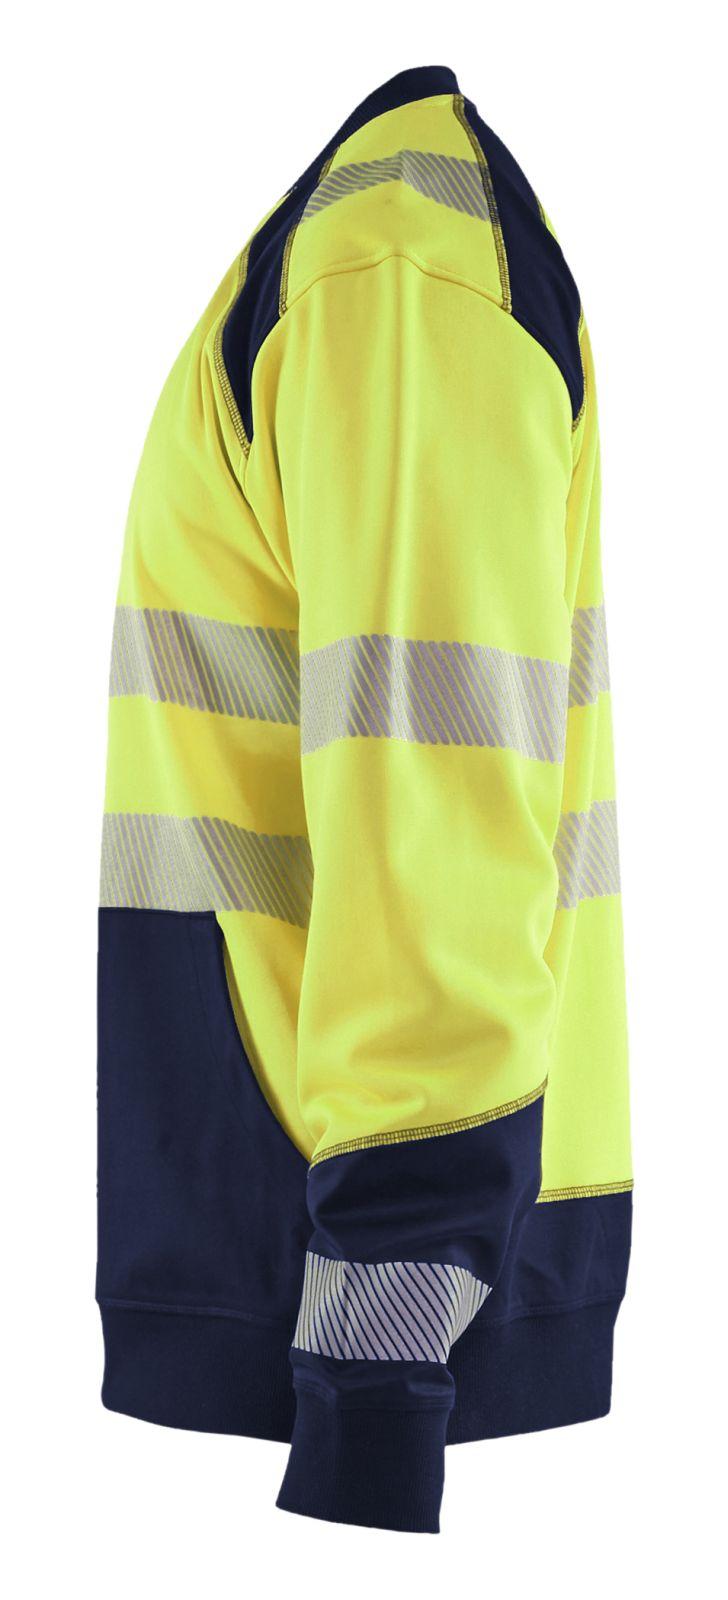 Blaklader Truien 35412528 High Vis fluo geel-marineblauw(3389)